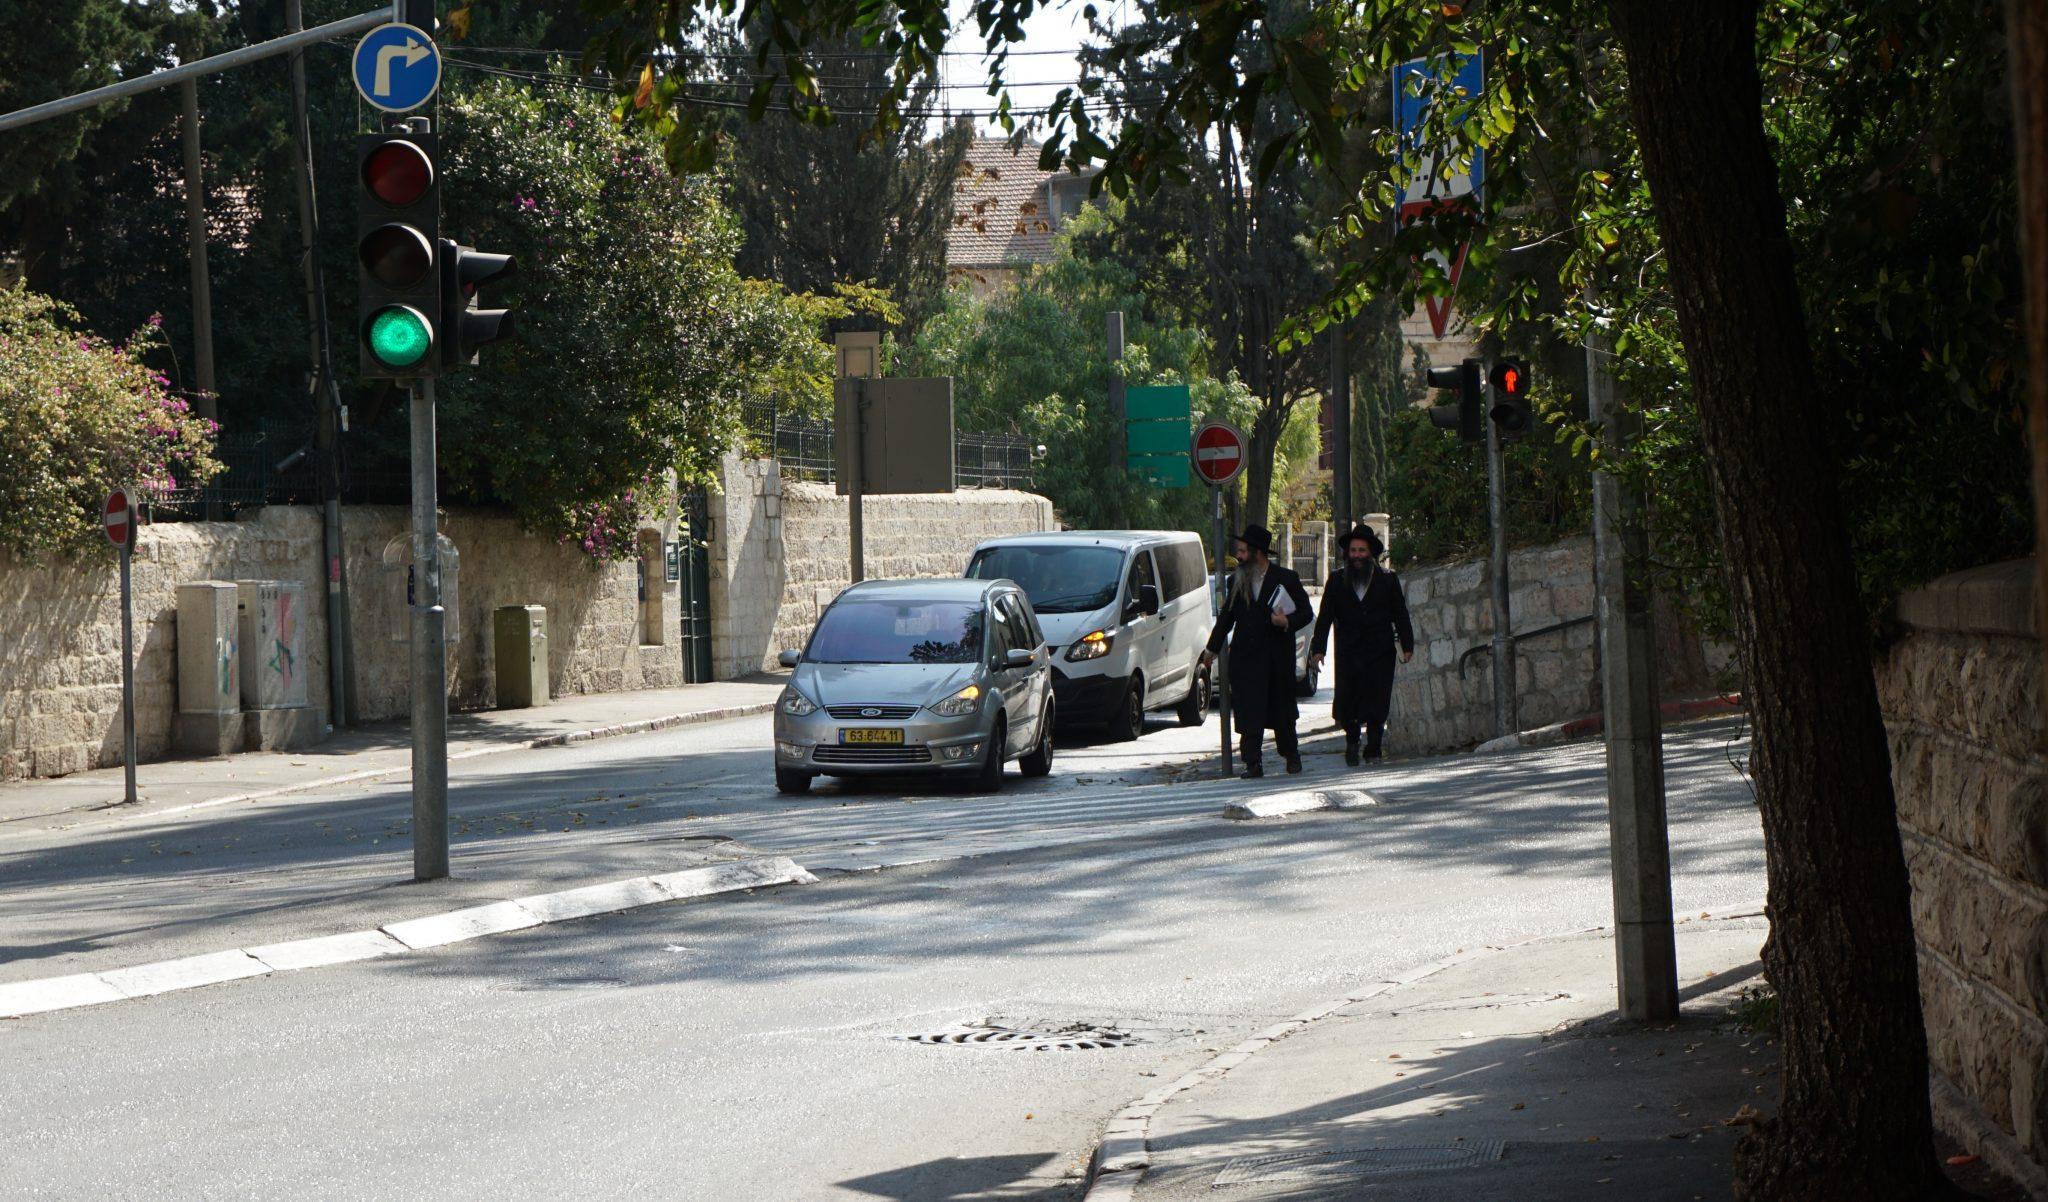 dzielnica ortodoksyjnych Żydów Mea Shearim